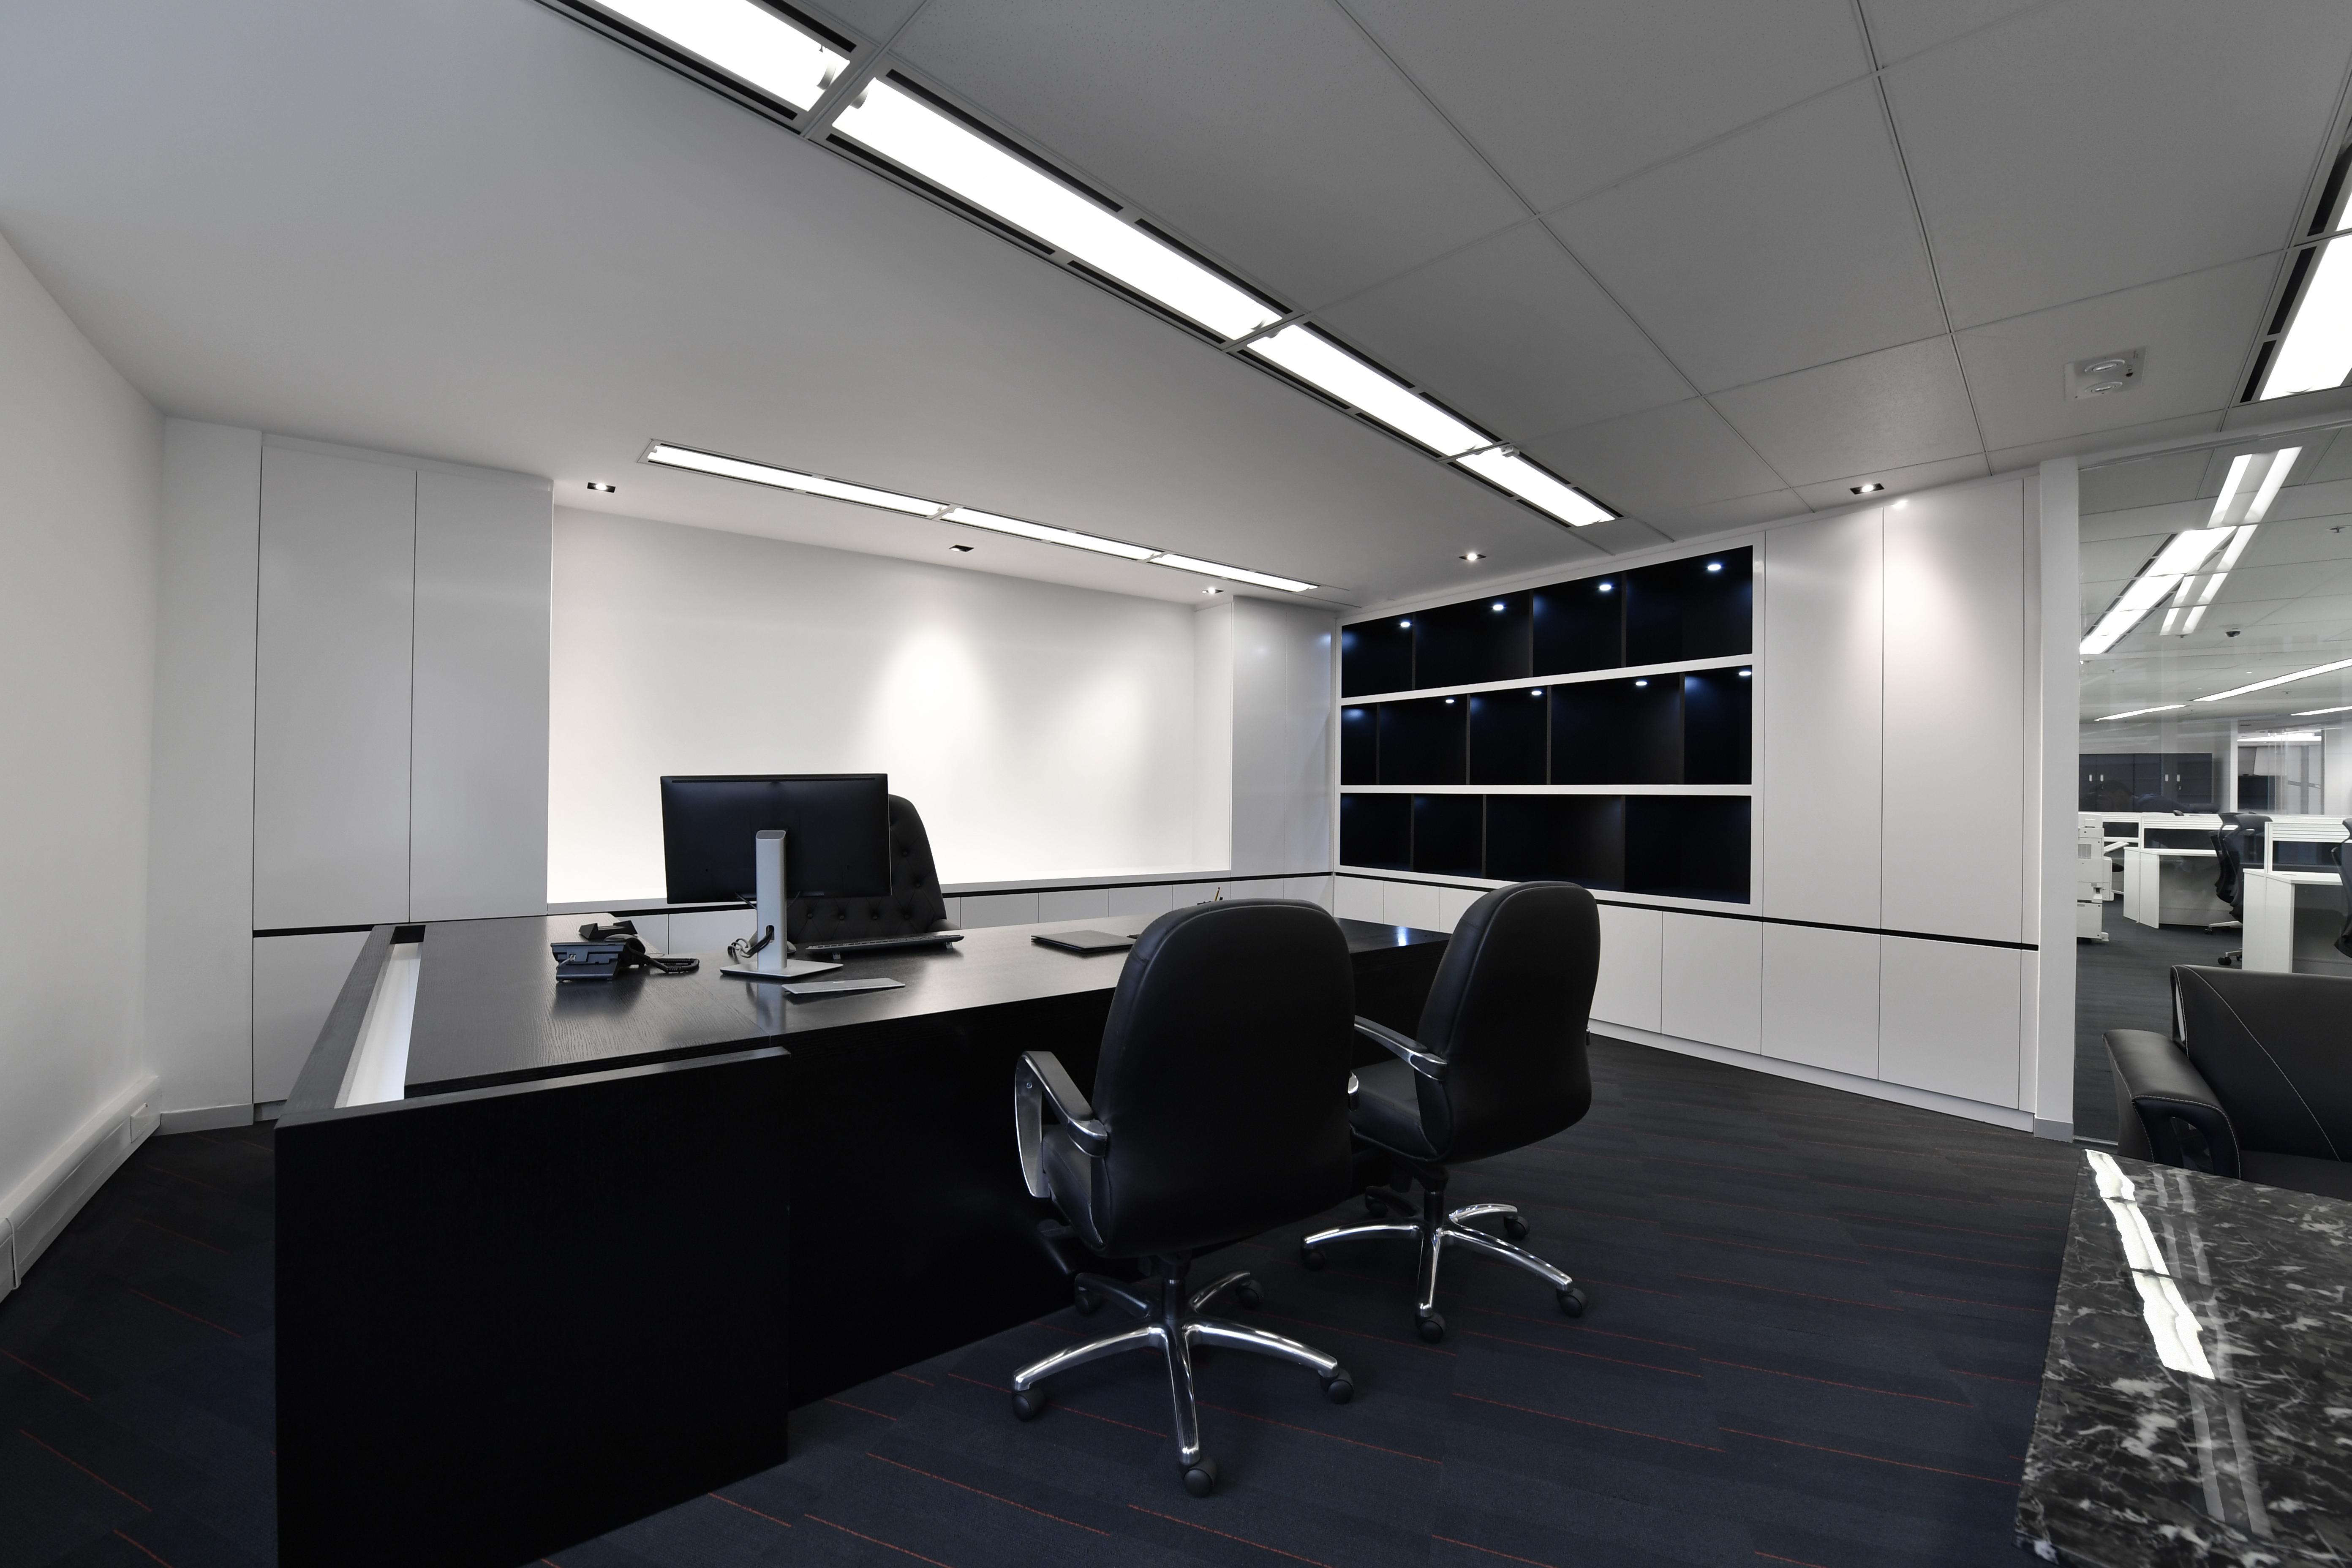 辦公室設計 Office Design 中國寶豐(國際)有限公司 (6)